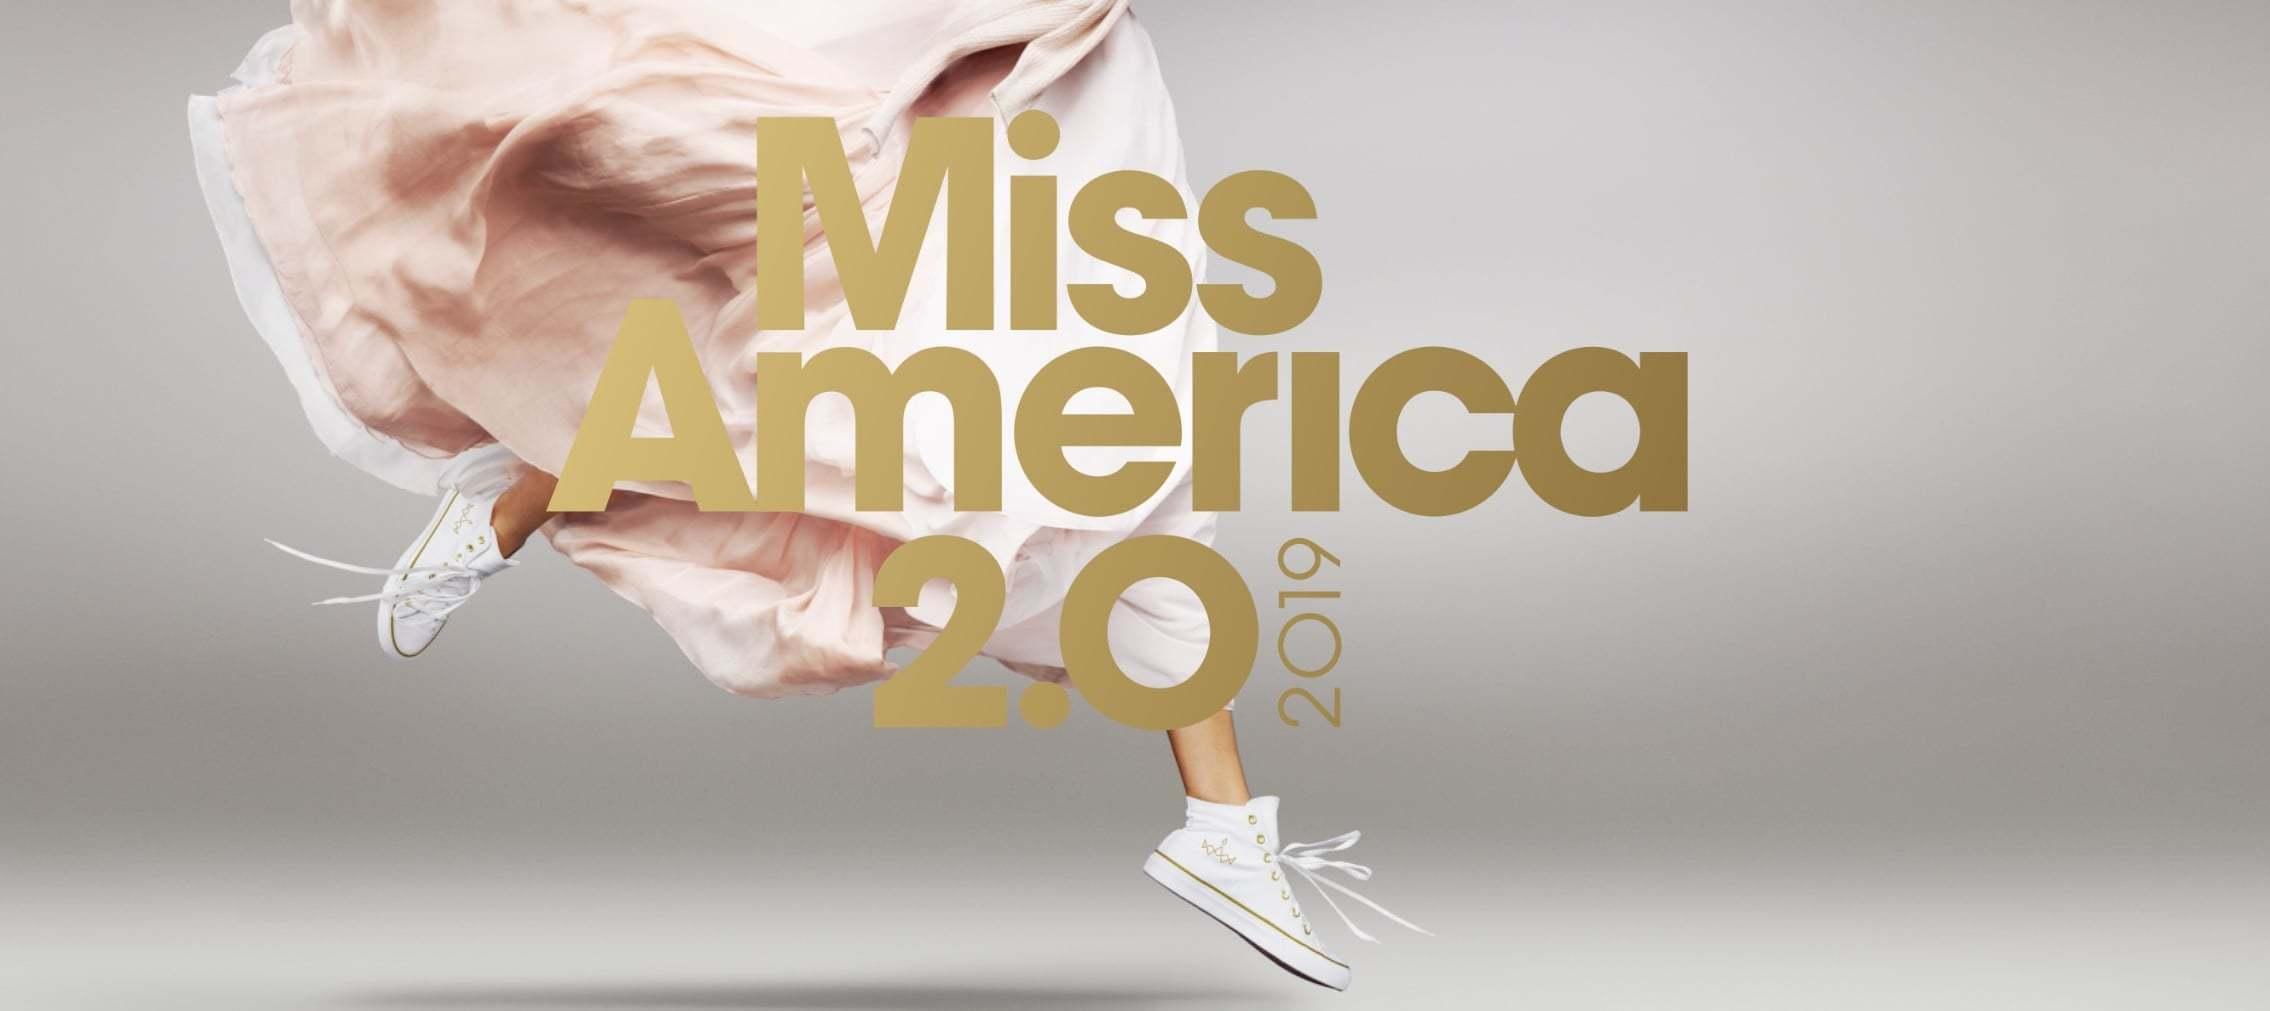 Miss America İle İlgili Yanlış Bilinenler